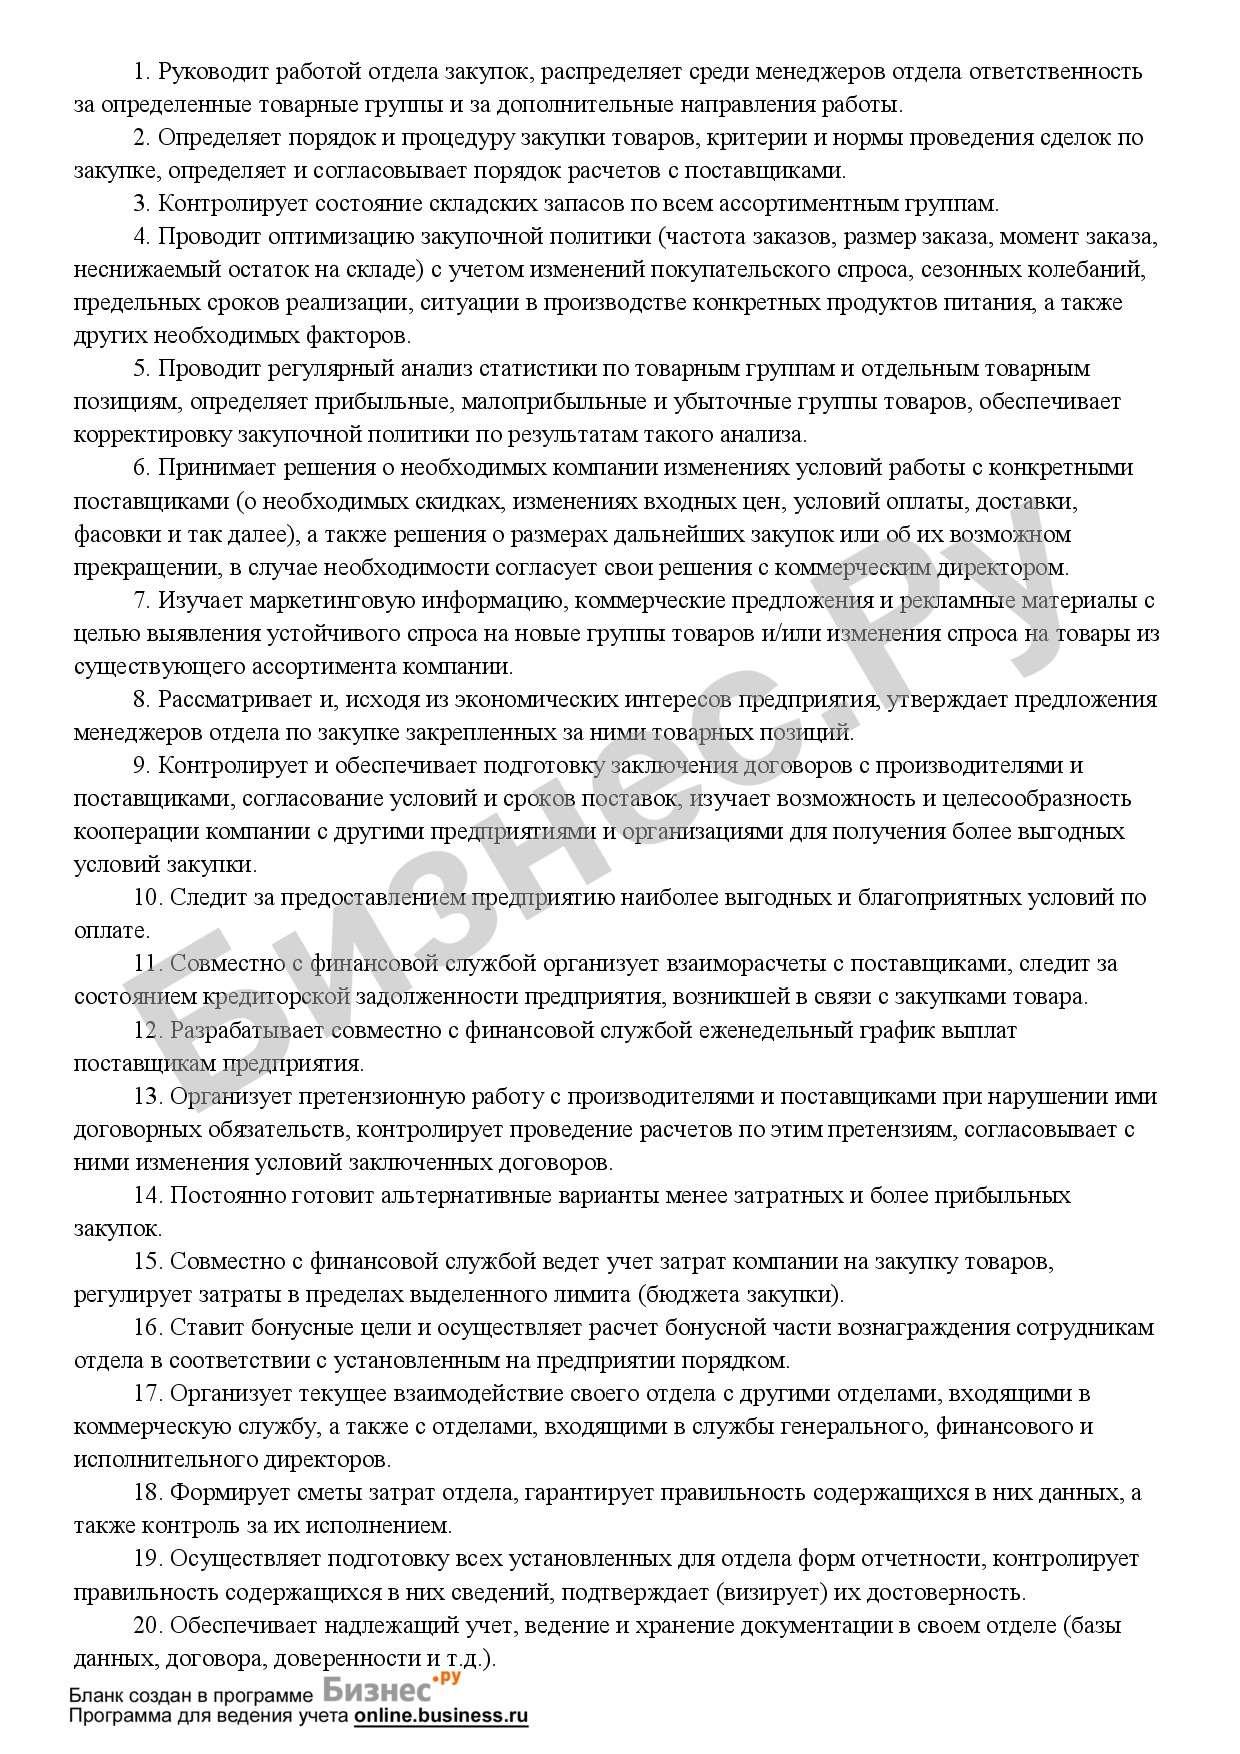 Должностная инструкция начальника юридического отдела образец